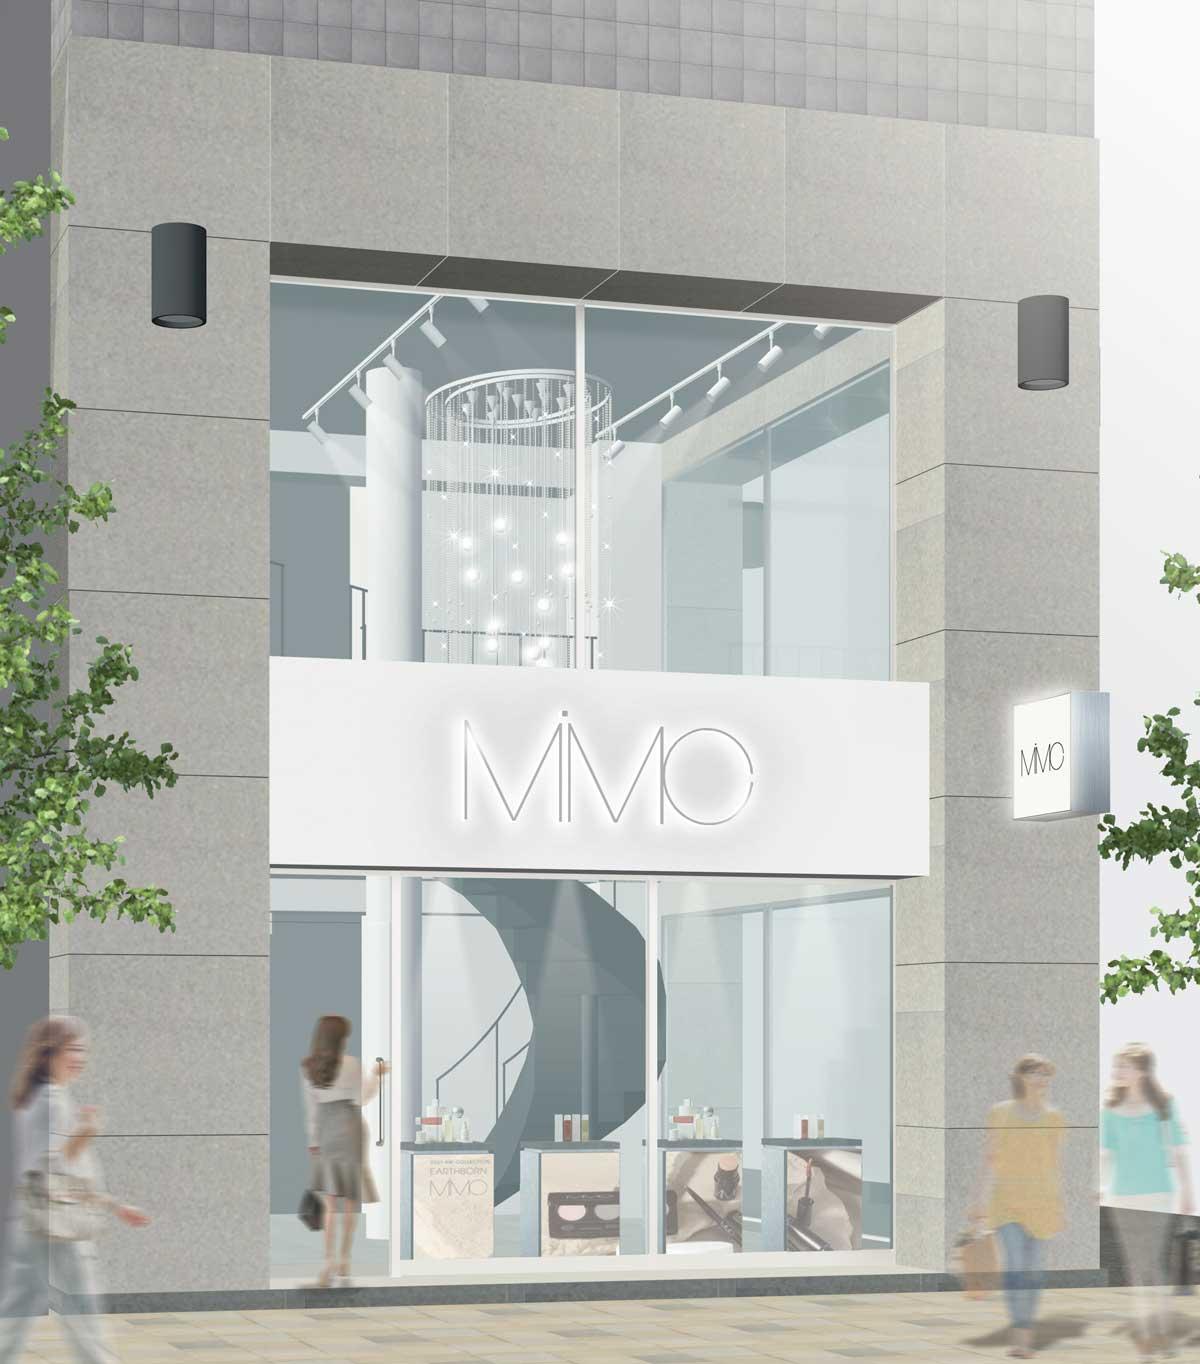 ARコンテンツが「MiMC(エムアイエムシー)」初の旗艦店に登場!イメージムービーでなど世界観を楽しめる